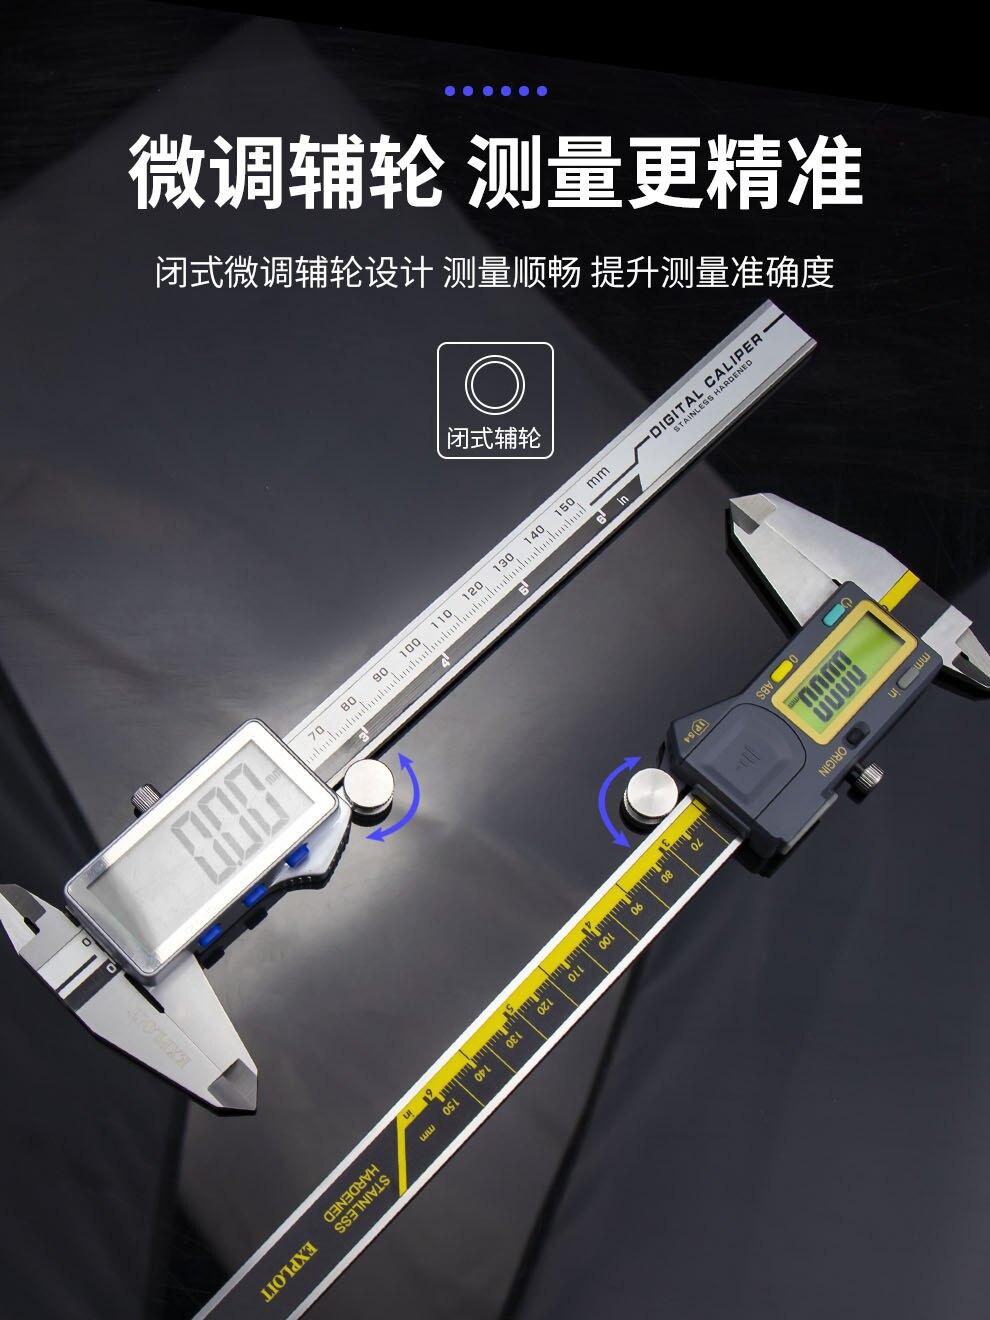 游標卡尺 開拓數顯卡尺高精度不銹鋼工業級150mm300mm電子數字油標游標卡尺『XY18574』